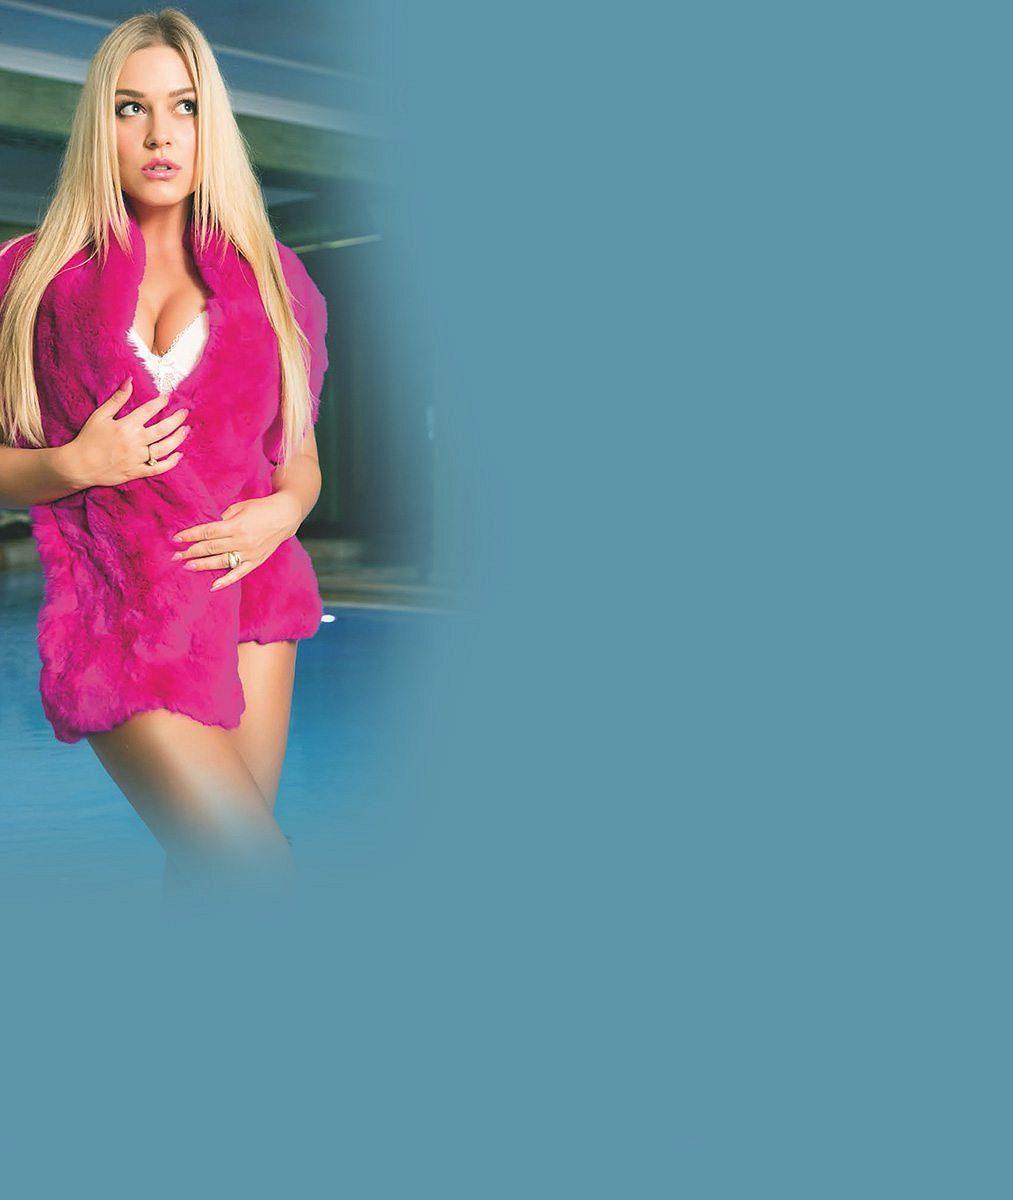 Česká Barbie se množí. Blogerka posedlá růžovou pomohla vybrat svou nástupkyni, která ještě nechodí ani na základku